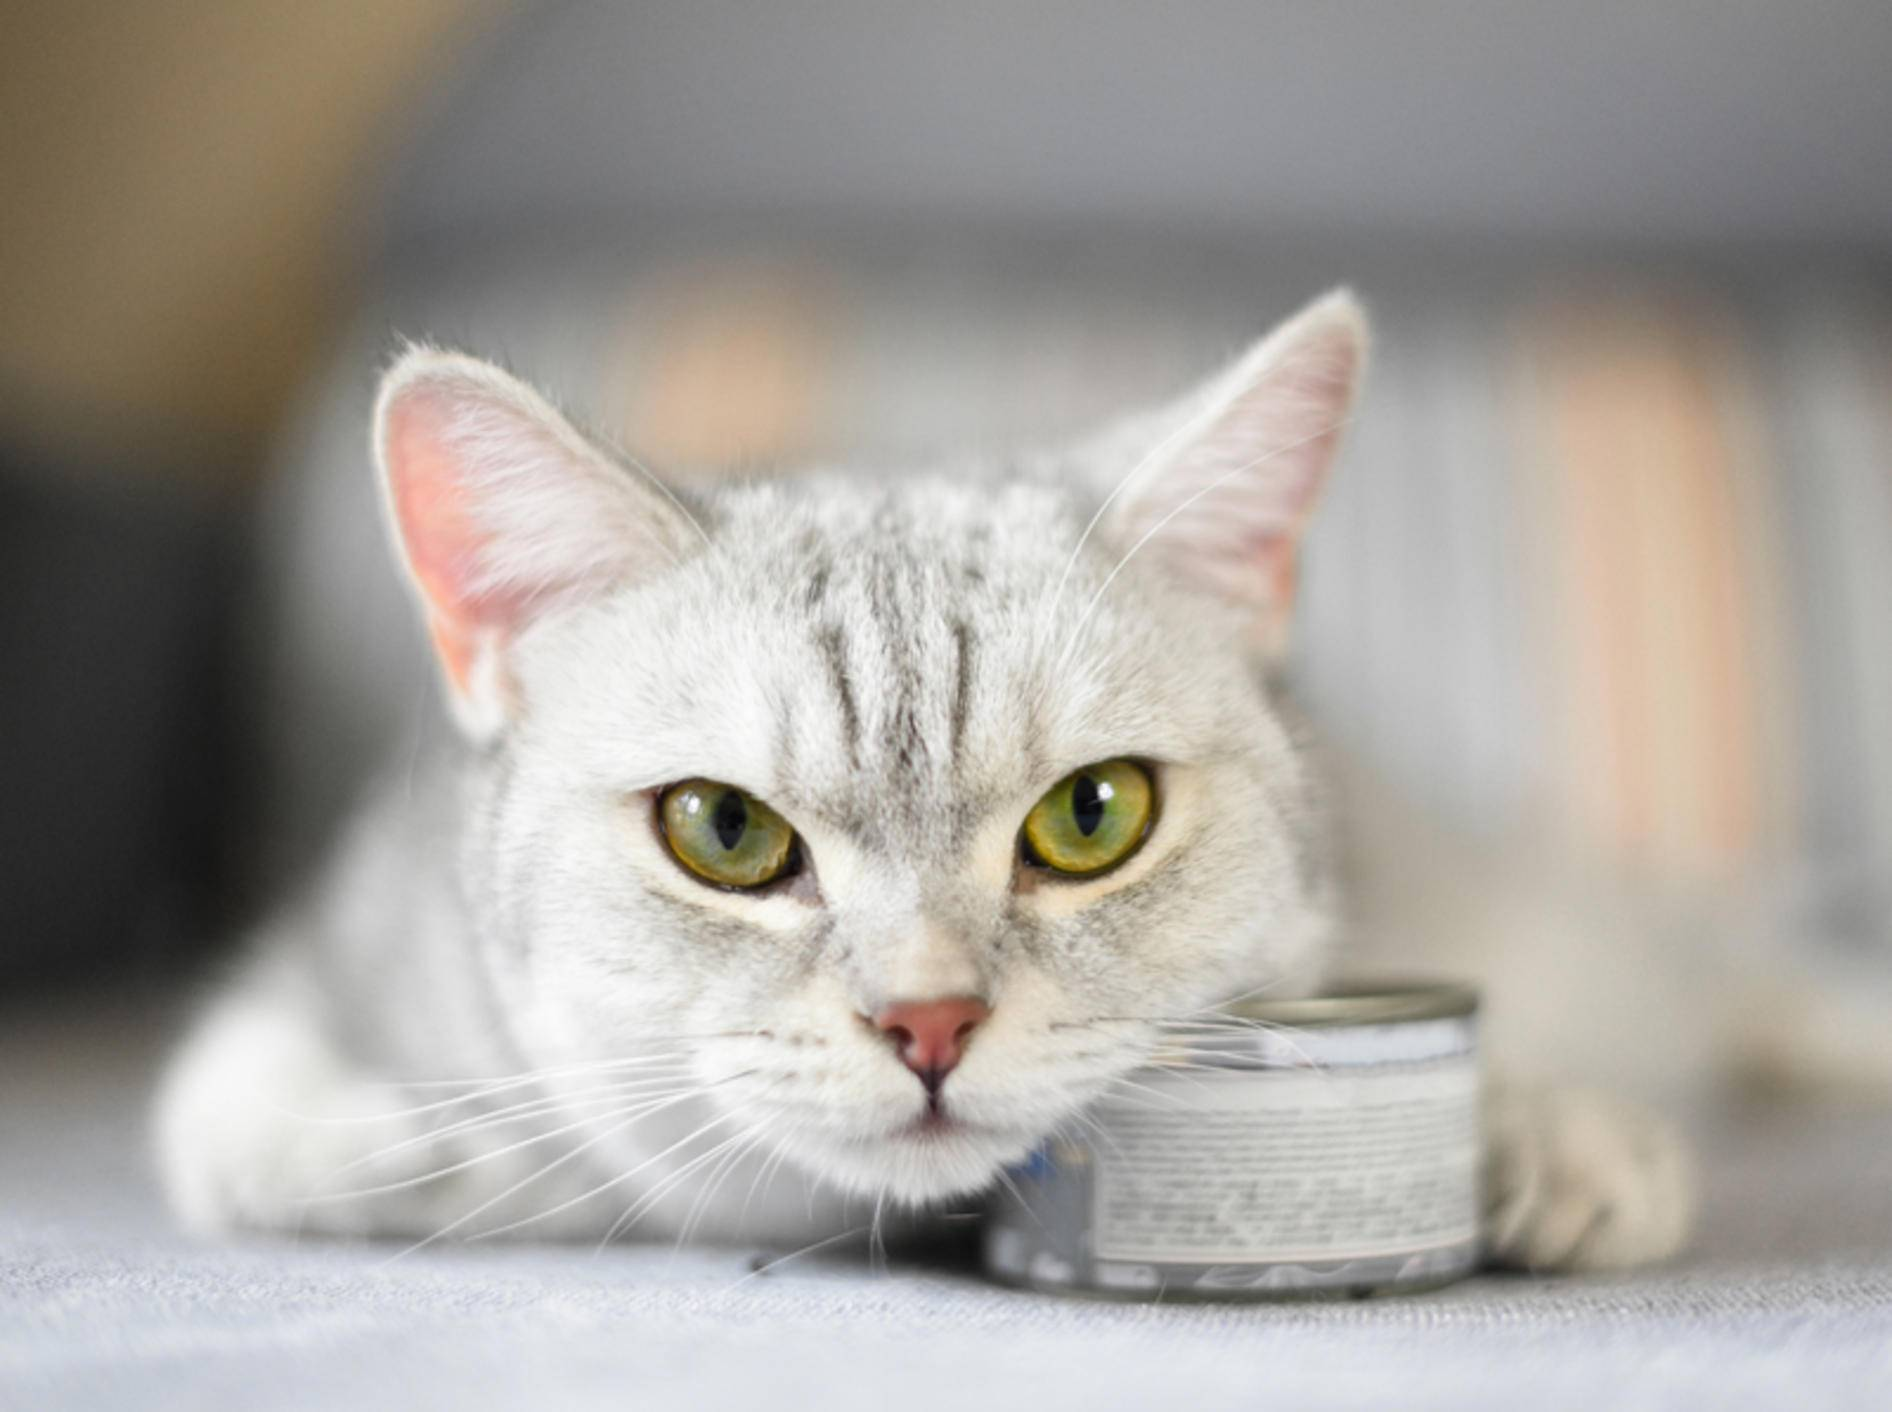 Alte Katzen brauchen oft spezielles Futter, weil sich ihr Stoffwechsel verändert – Shutterstock / WaitForLight